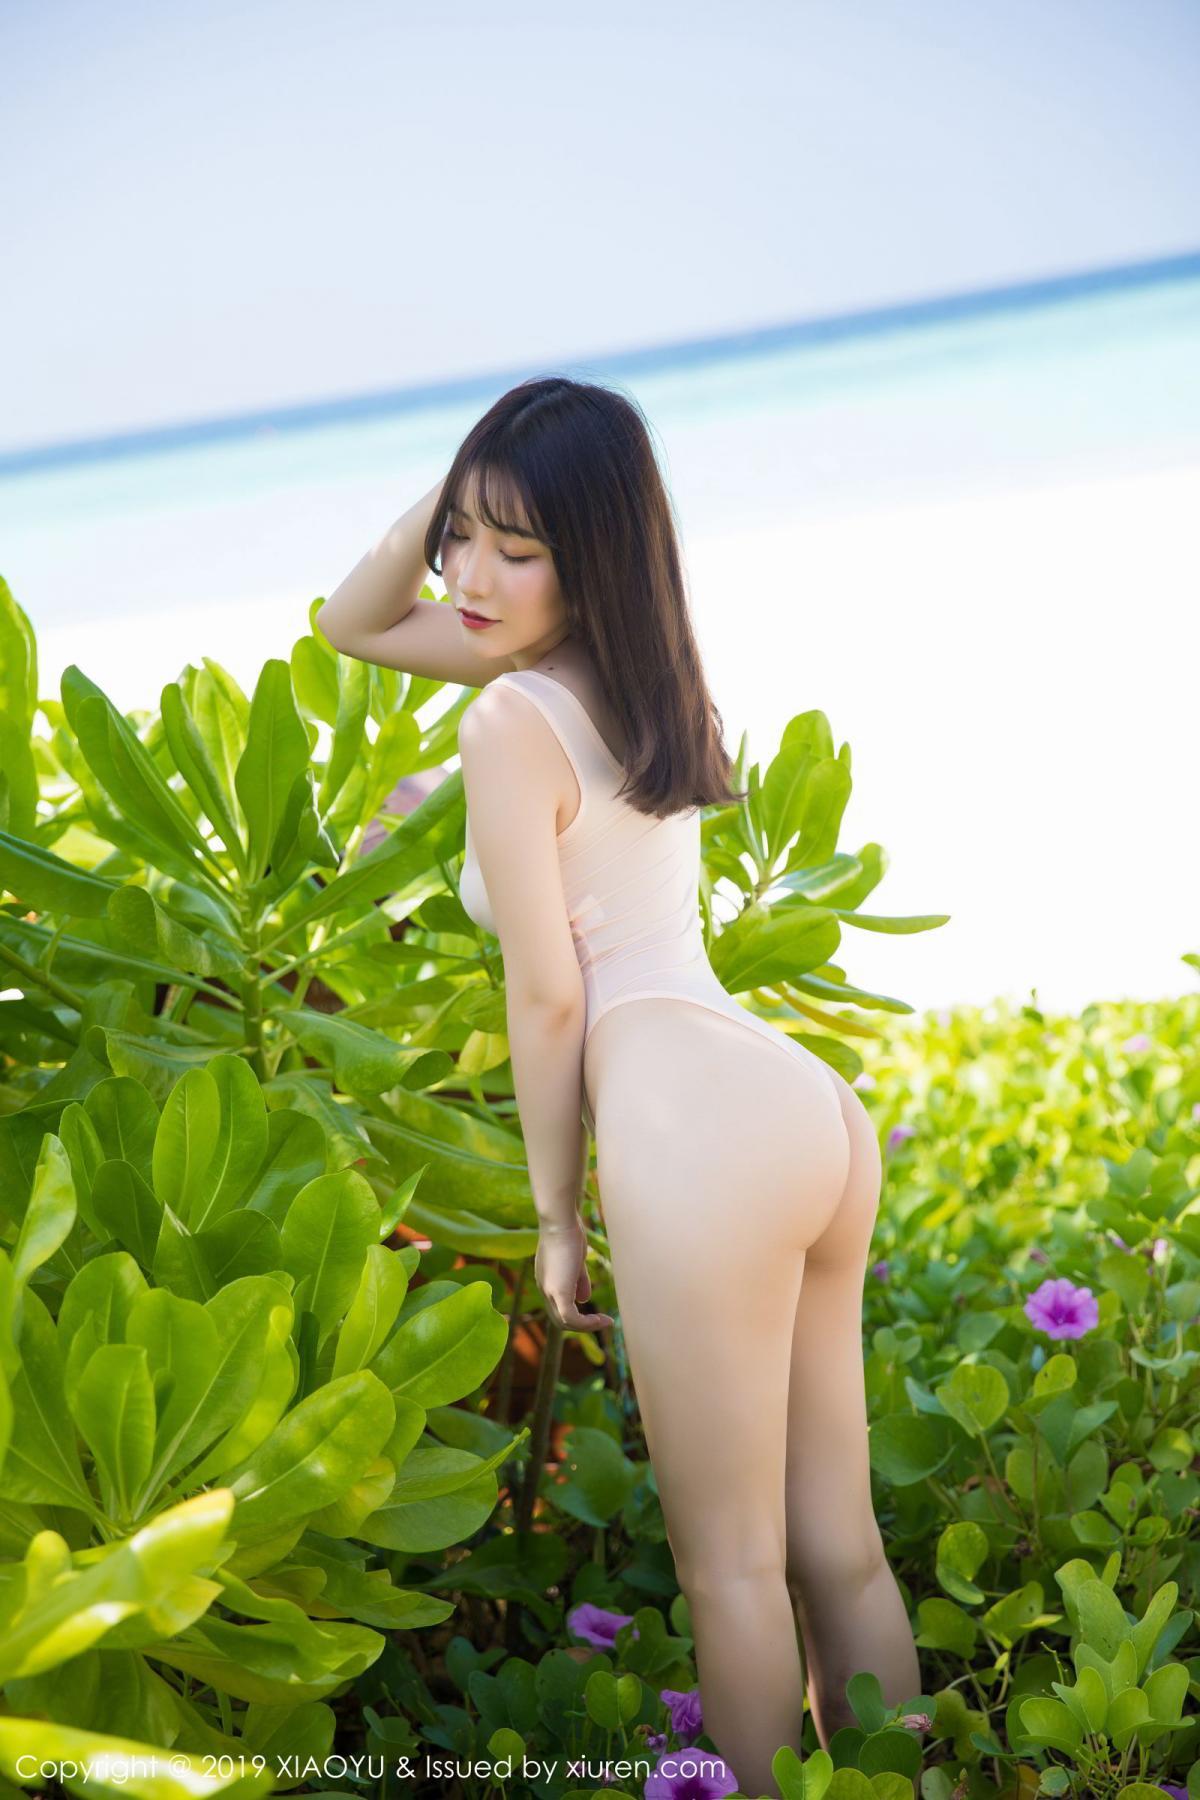 [XiaoYu] Vol.155 Xie Zhi Xin 18P, Bathroom, Big Booty, Wet, XiaoYu, Xie Zhi Xin